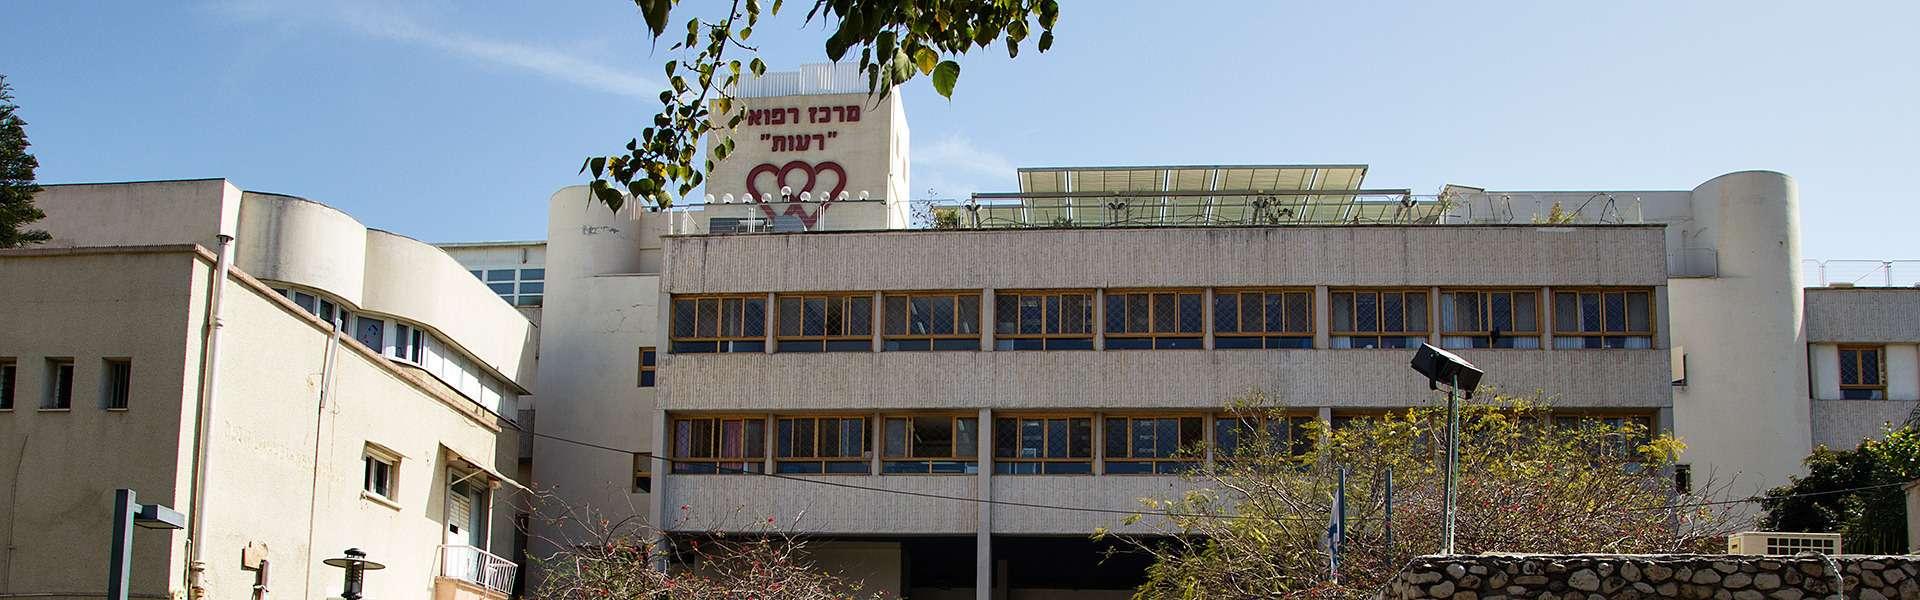 2 больница детская в минске